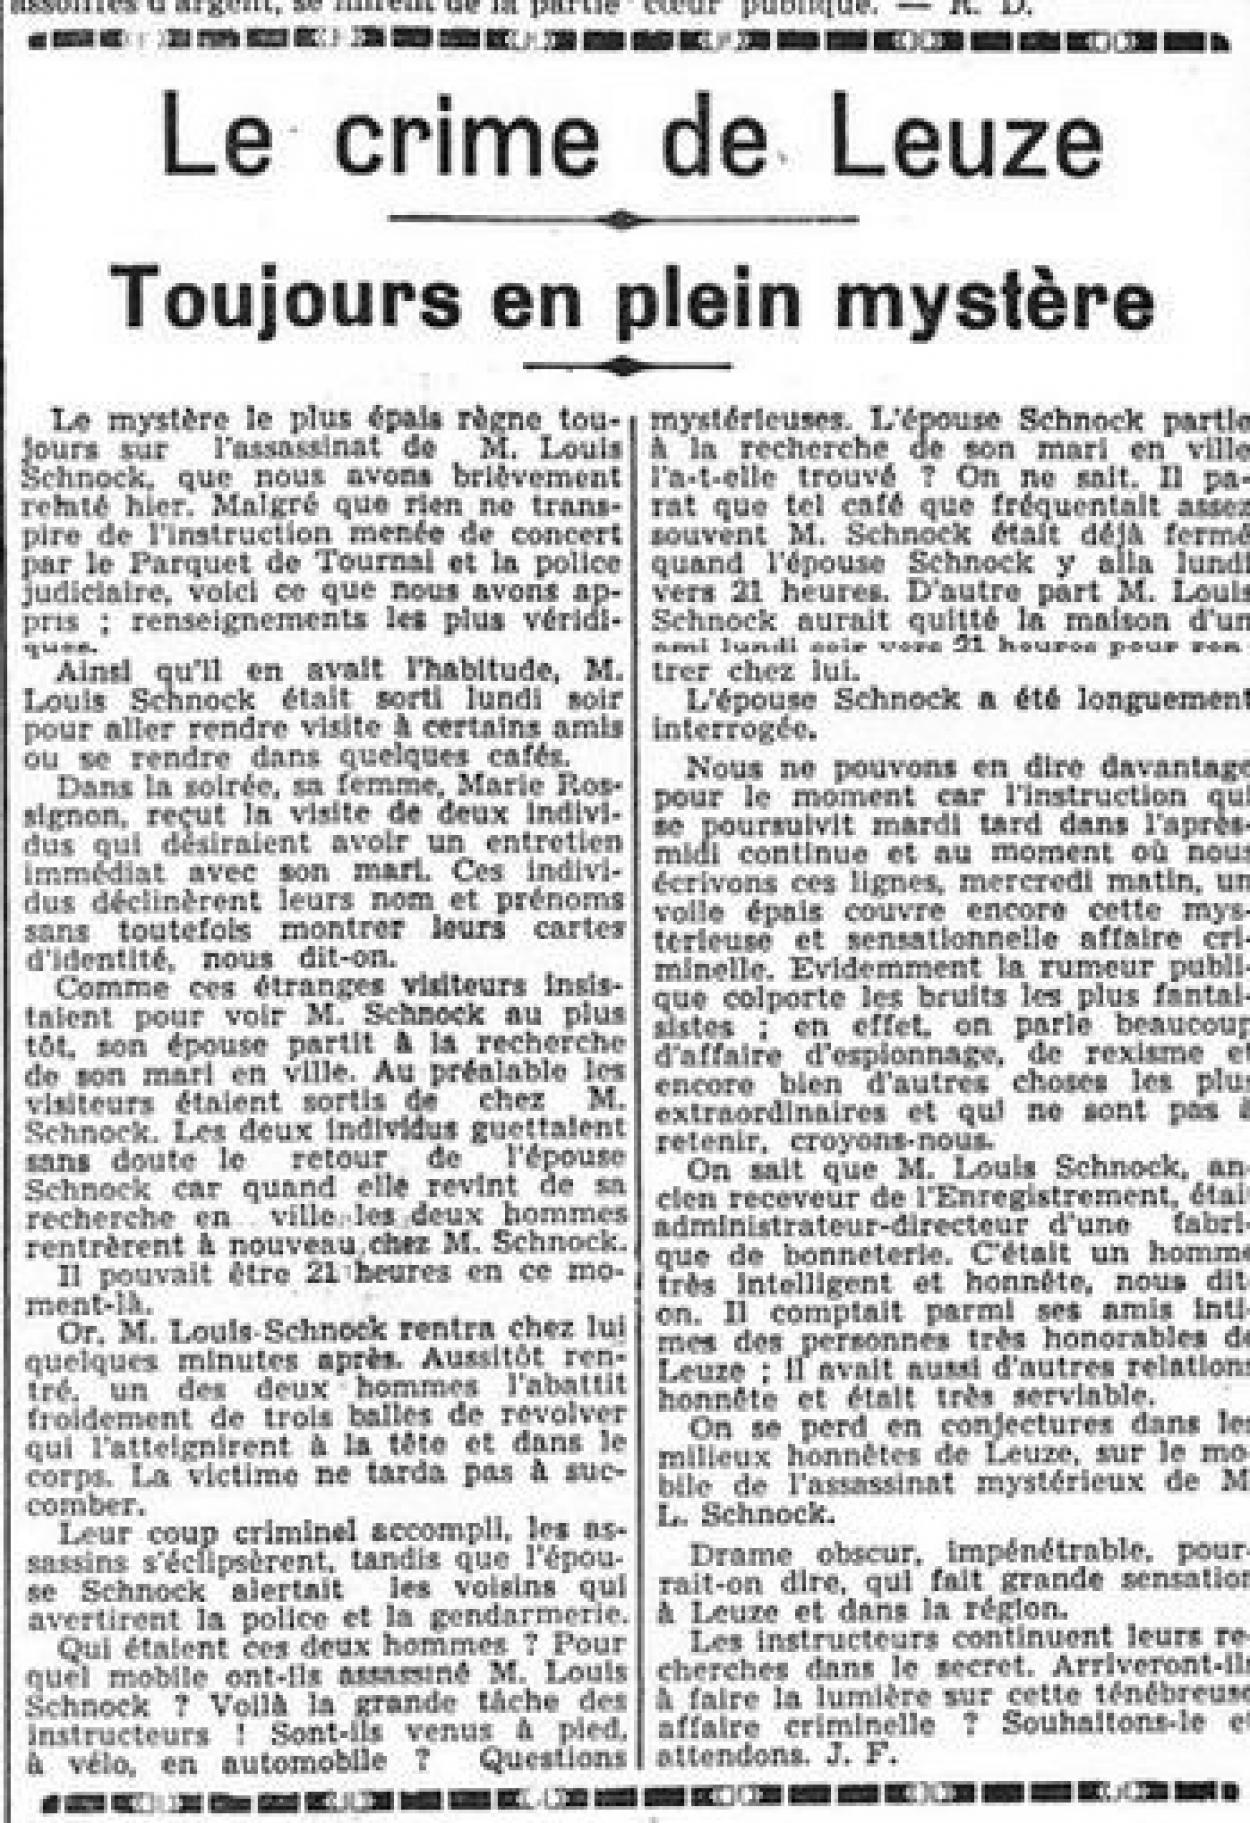 screenshot-2020-04-23-09-56-35-journal-de-charleroi-14-8-1941.jpg